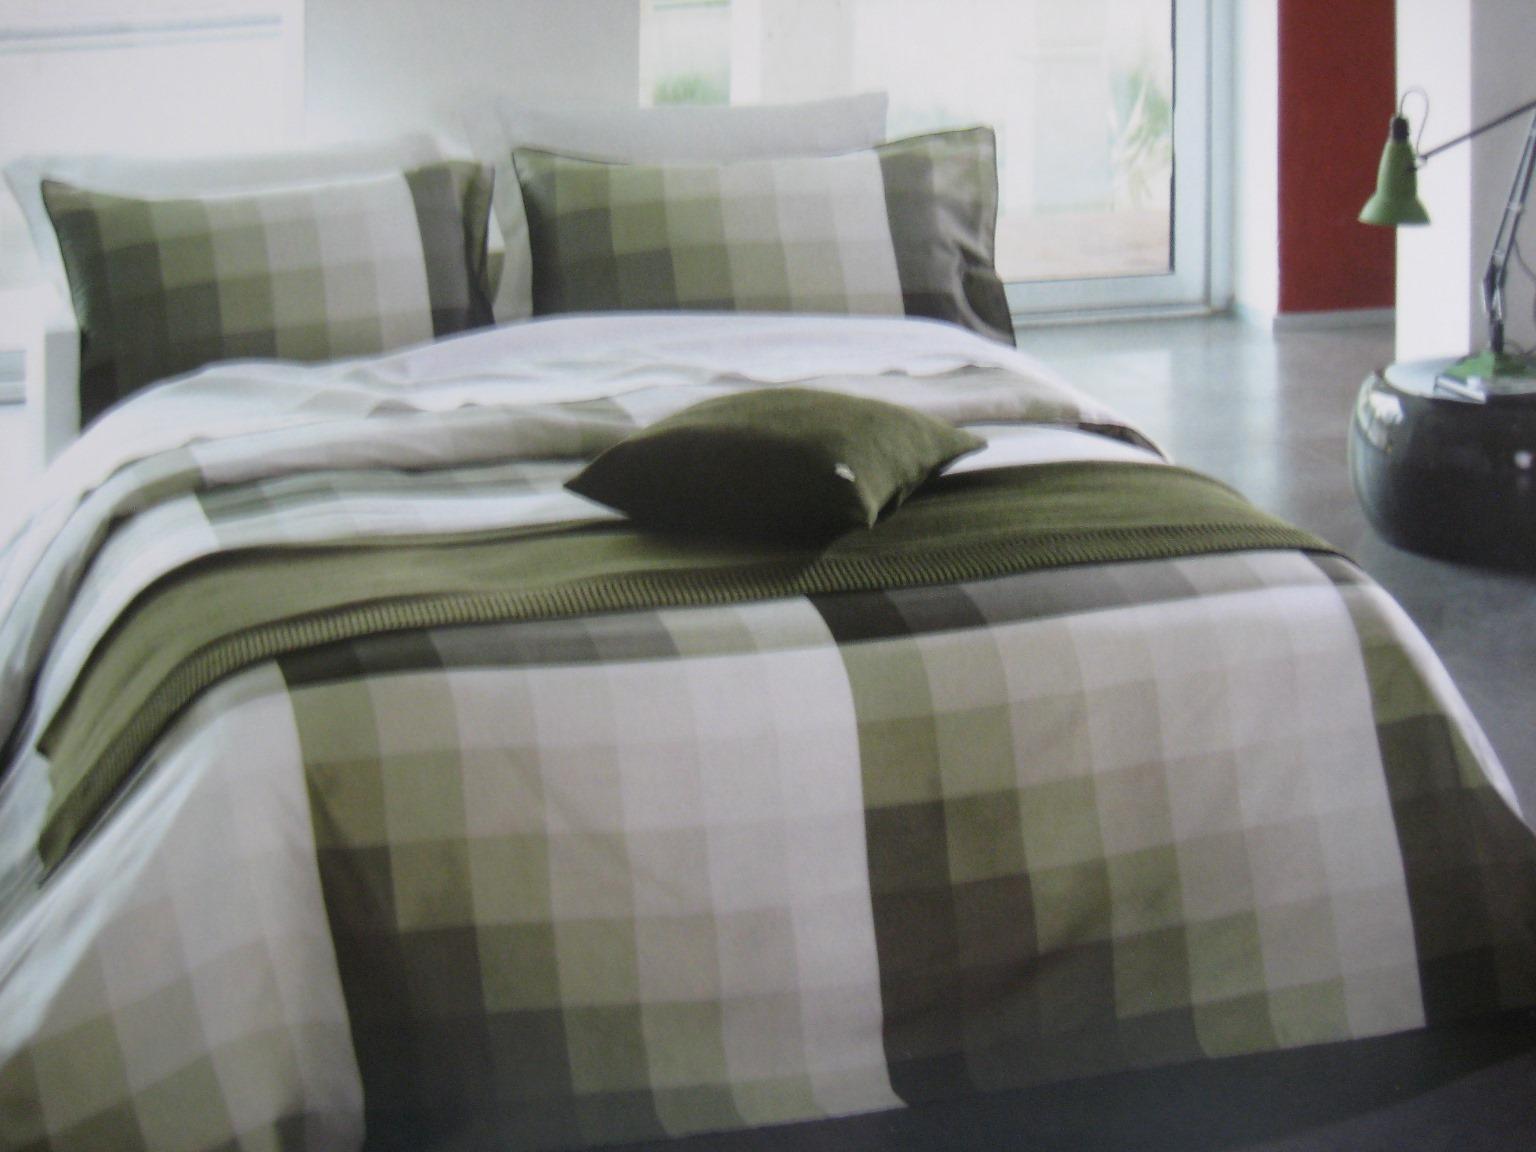 bed on duvet images set bath pinterest efortuna navy sets best comforter blue cover bedding denab covers and lacoste